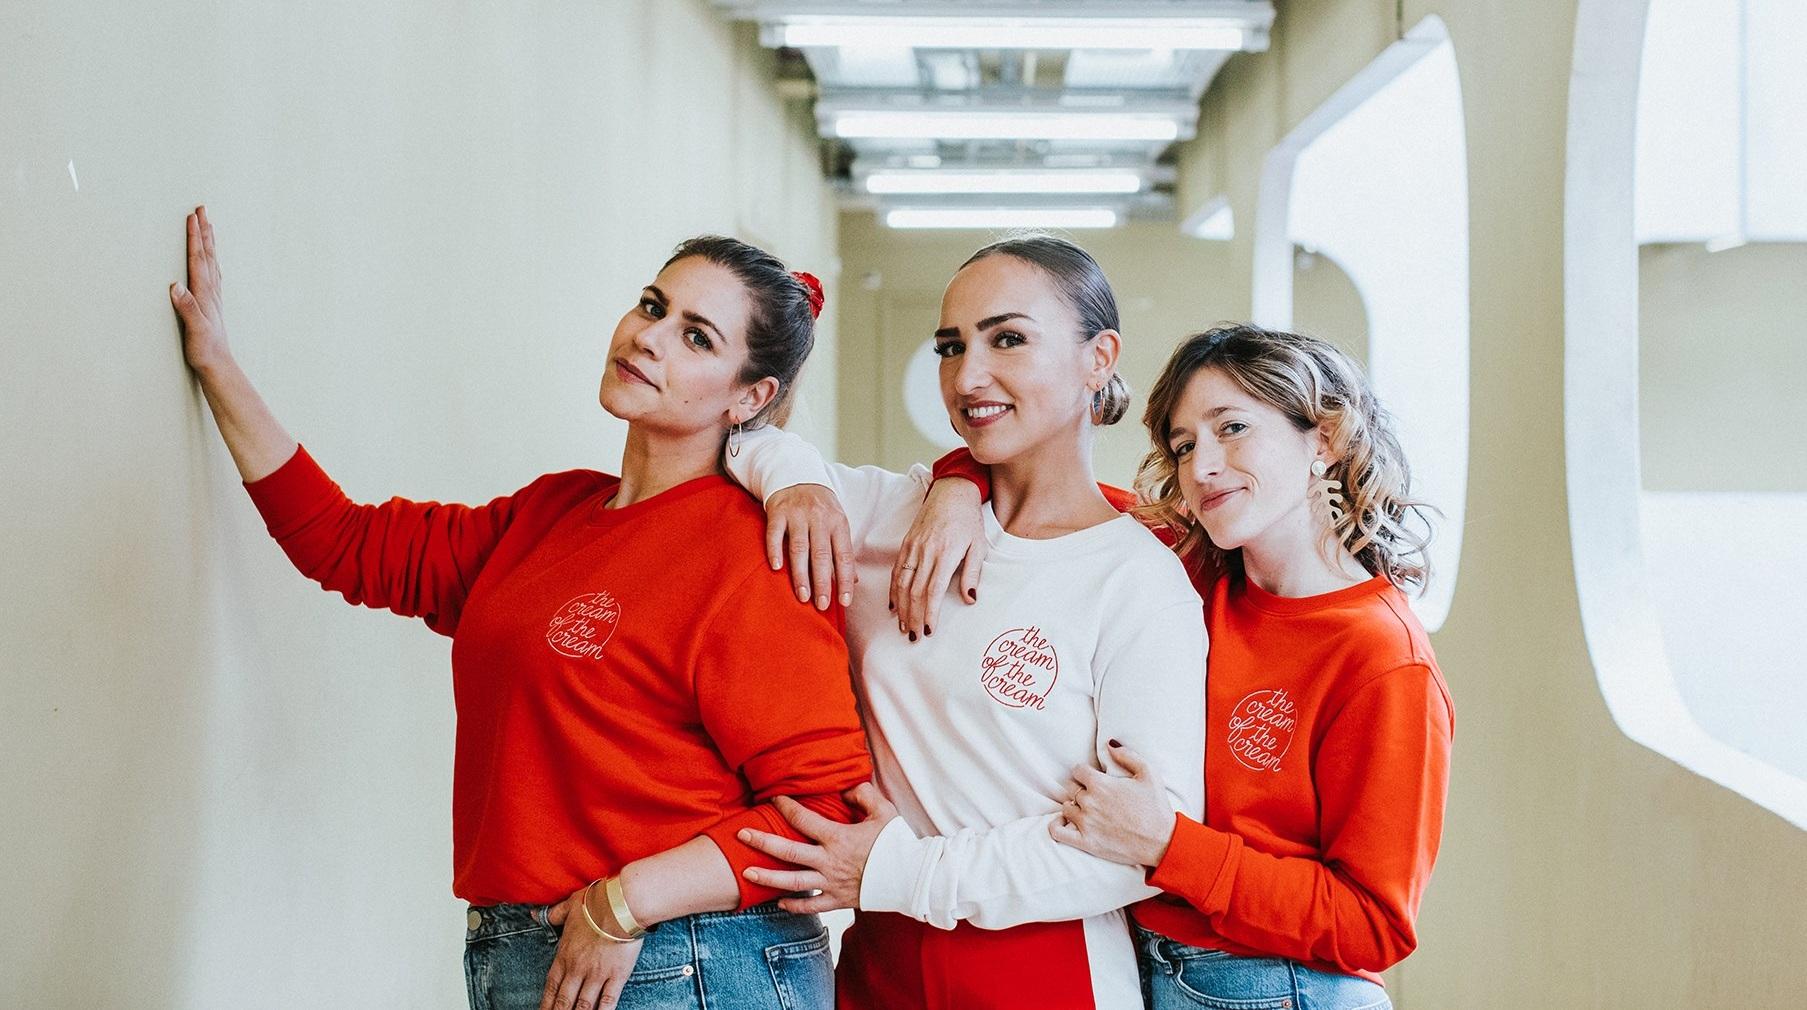 kermesse des GIRLZ POP - Les Girlzpop dévoilent leur collection «The Cream of the Cream»... des sweats, mugs et affiches. Elles proposent aussi des ateliers créatifs et inspirants sur le thème de «la crème de la crème».www.girlzpop.com